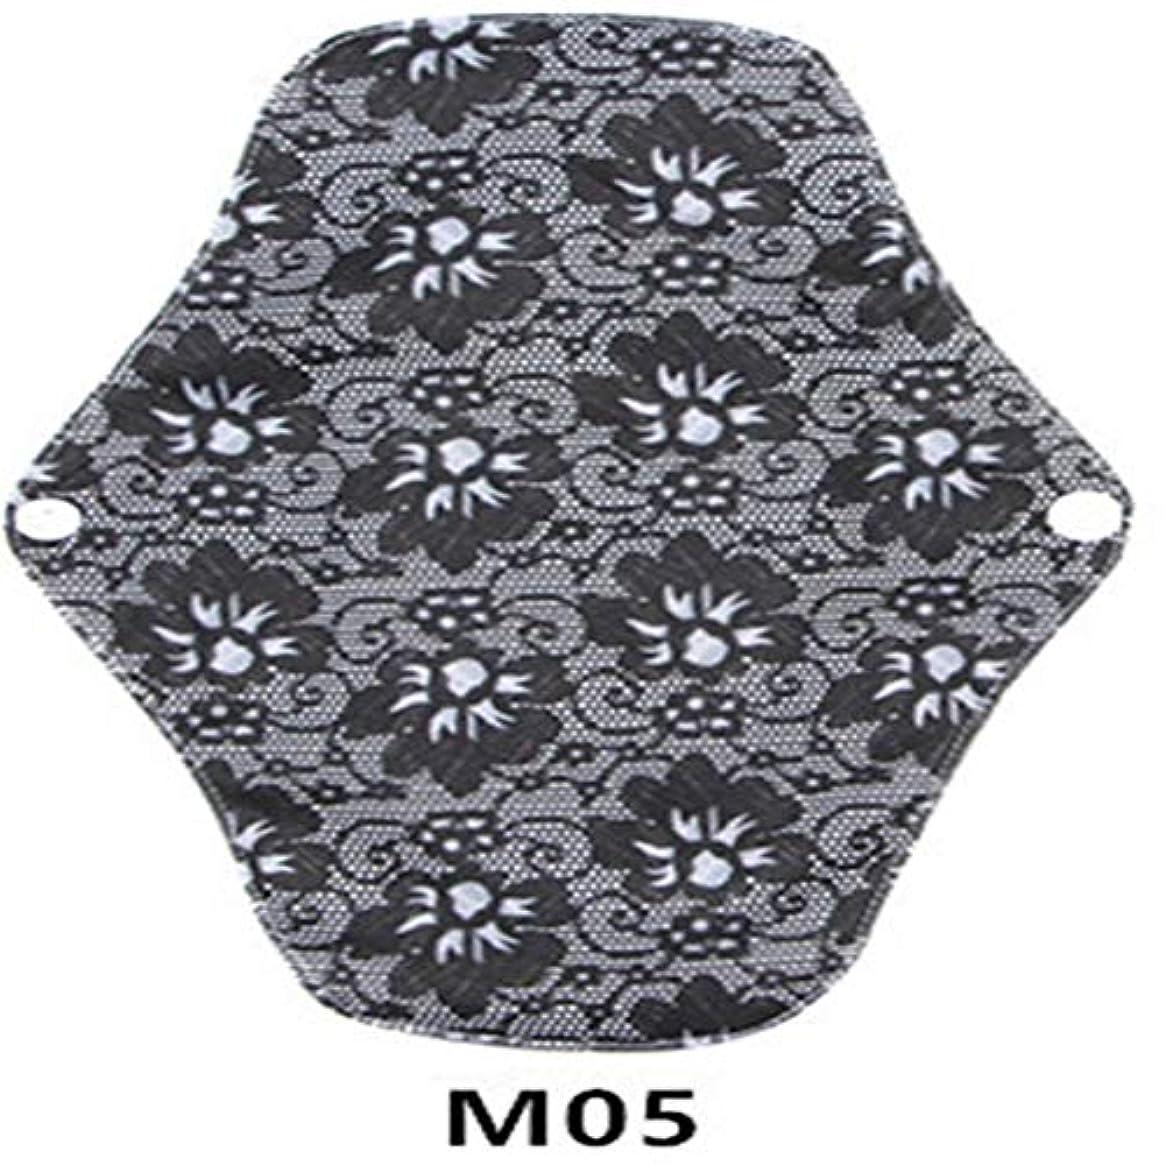 多年生アーティスト新しい意味Intercorey通気性竹炭洗える再利用可能な衛生パッド快適な月経パッド